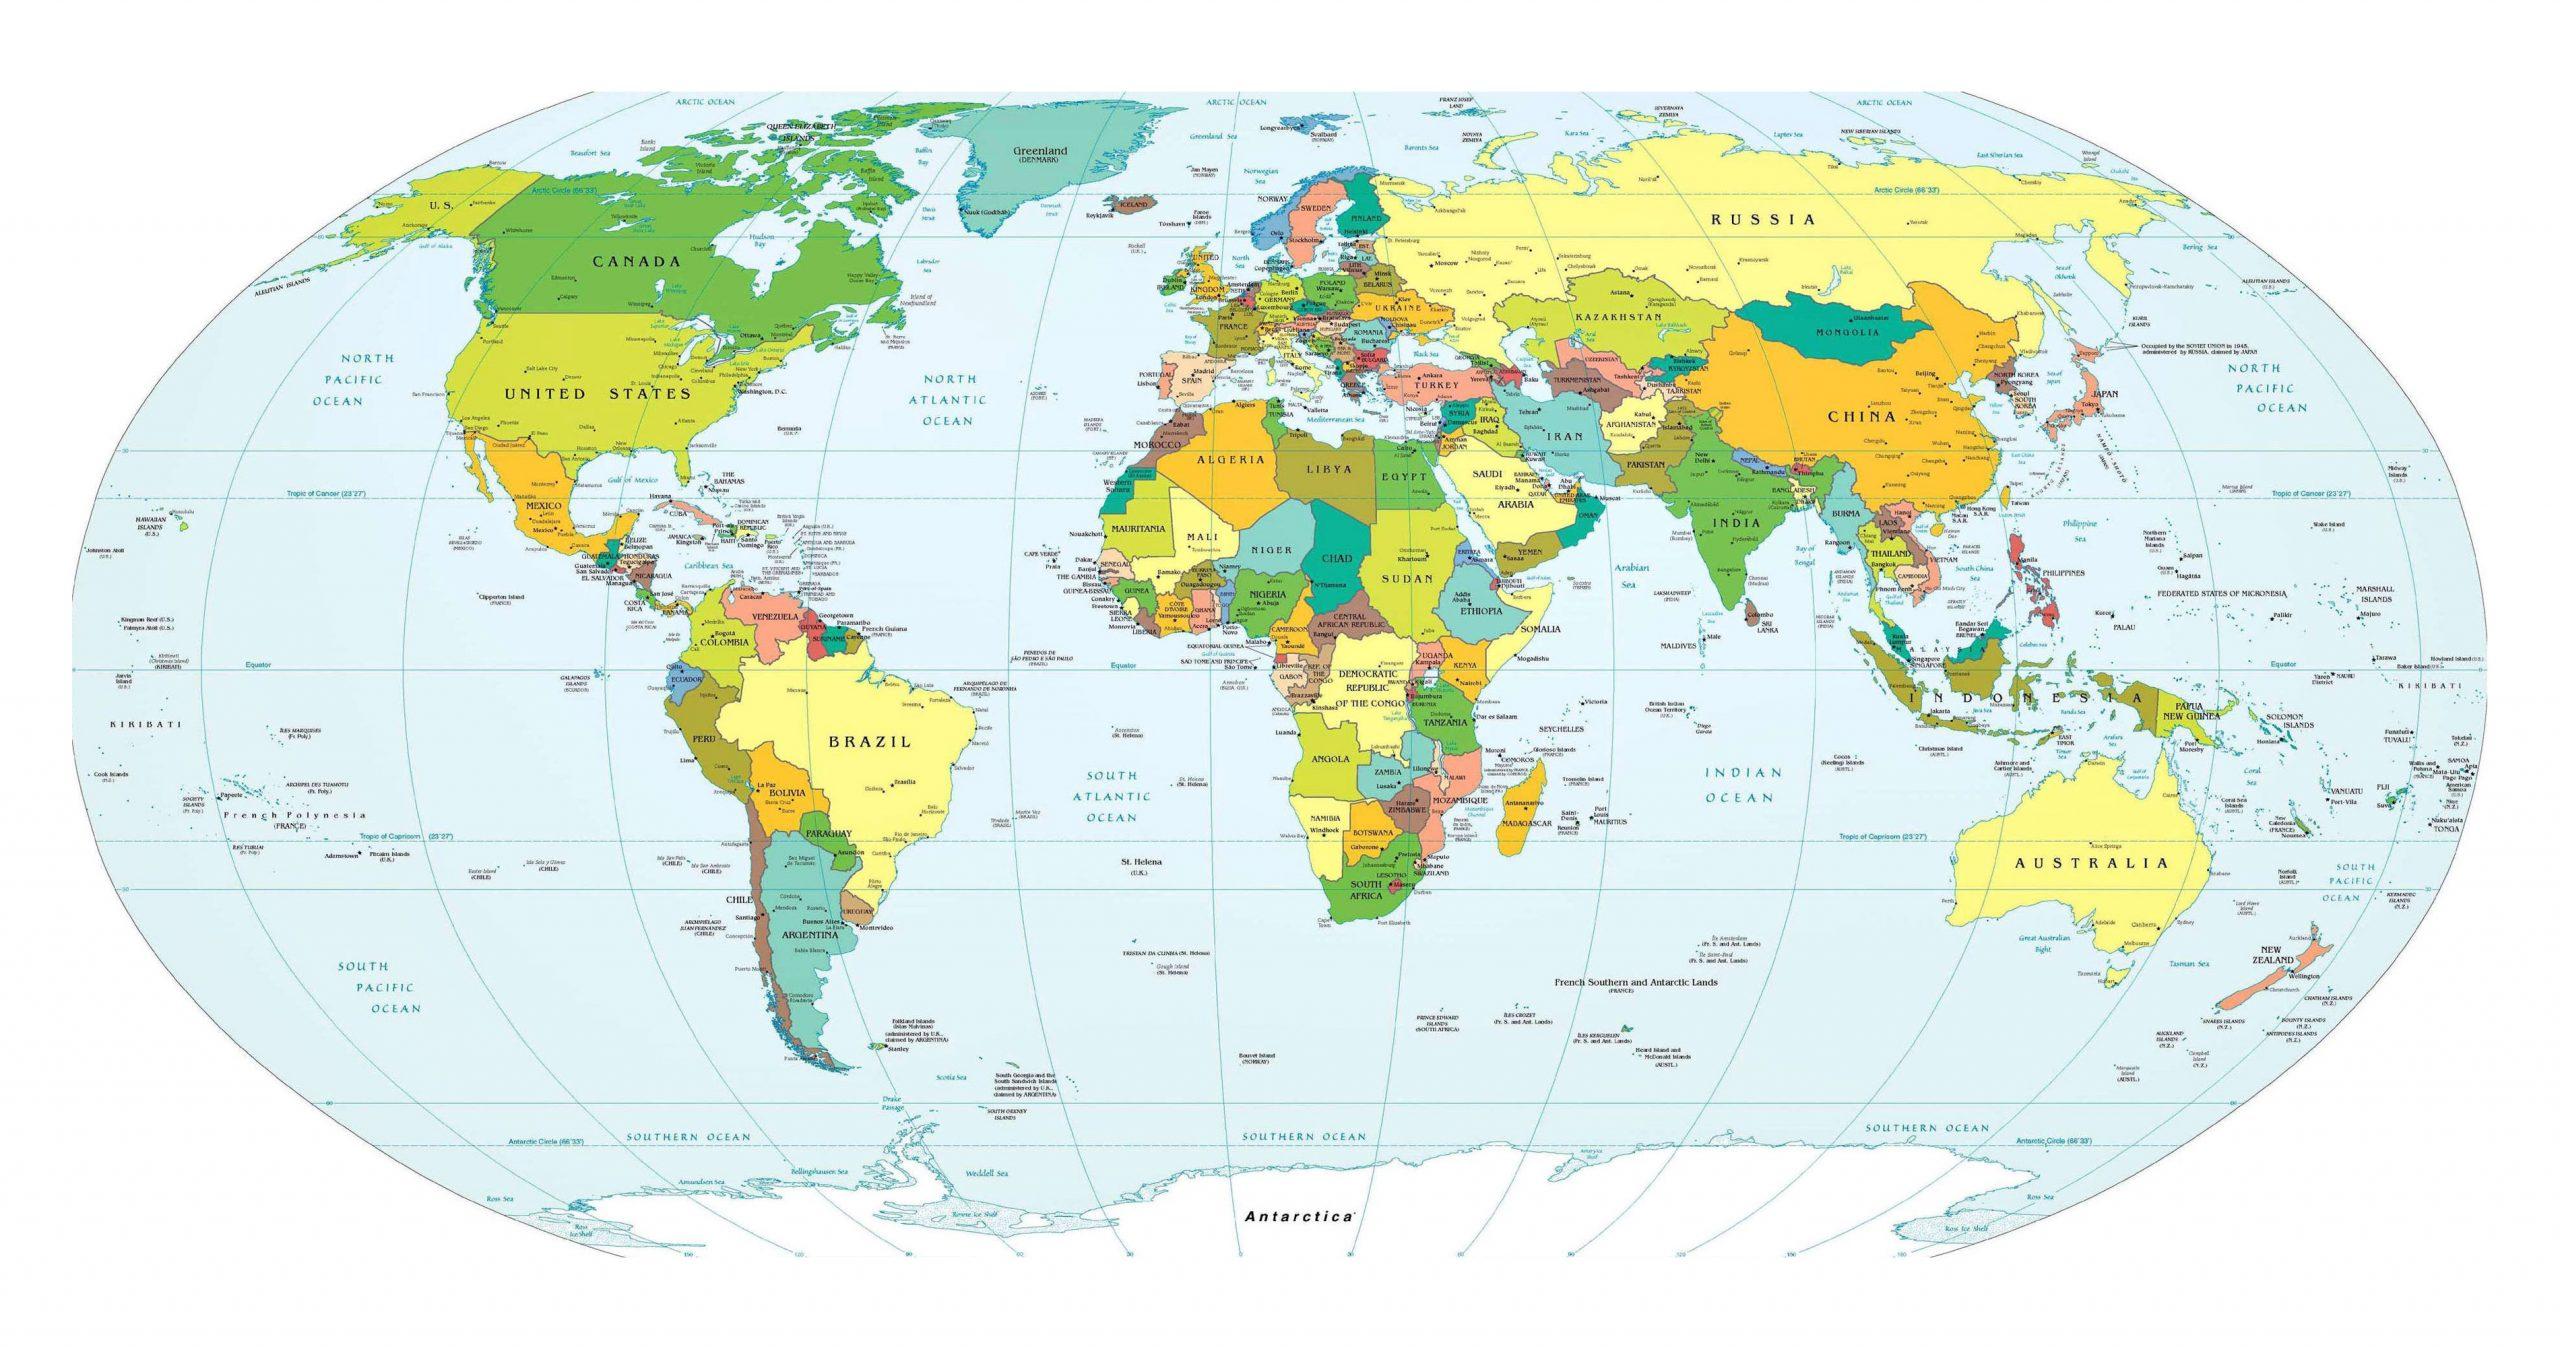 Carte Du Monde Détaillée Avec Pays Et Capitales - Comparatif destiné Carte Europe Pays Capitales